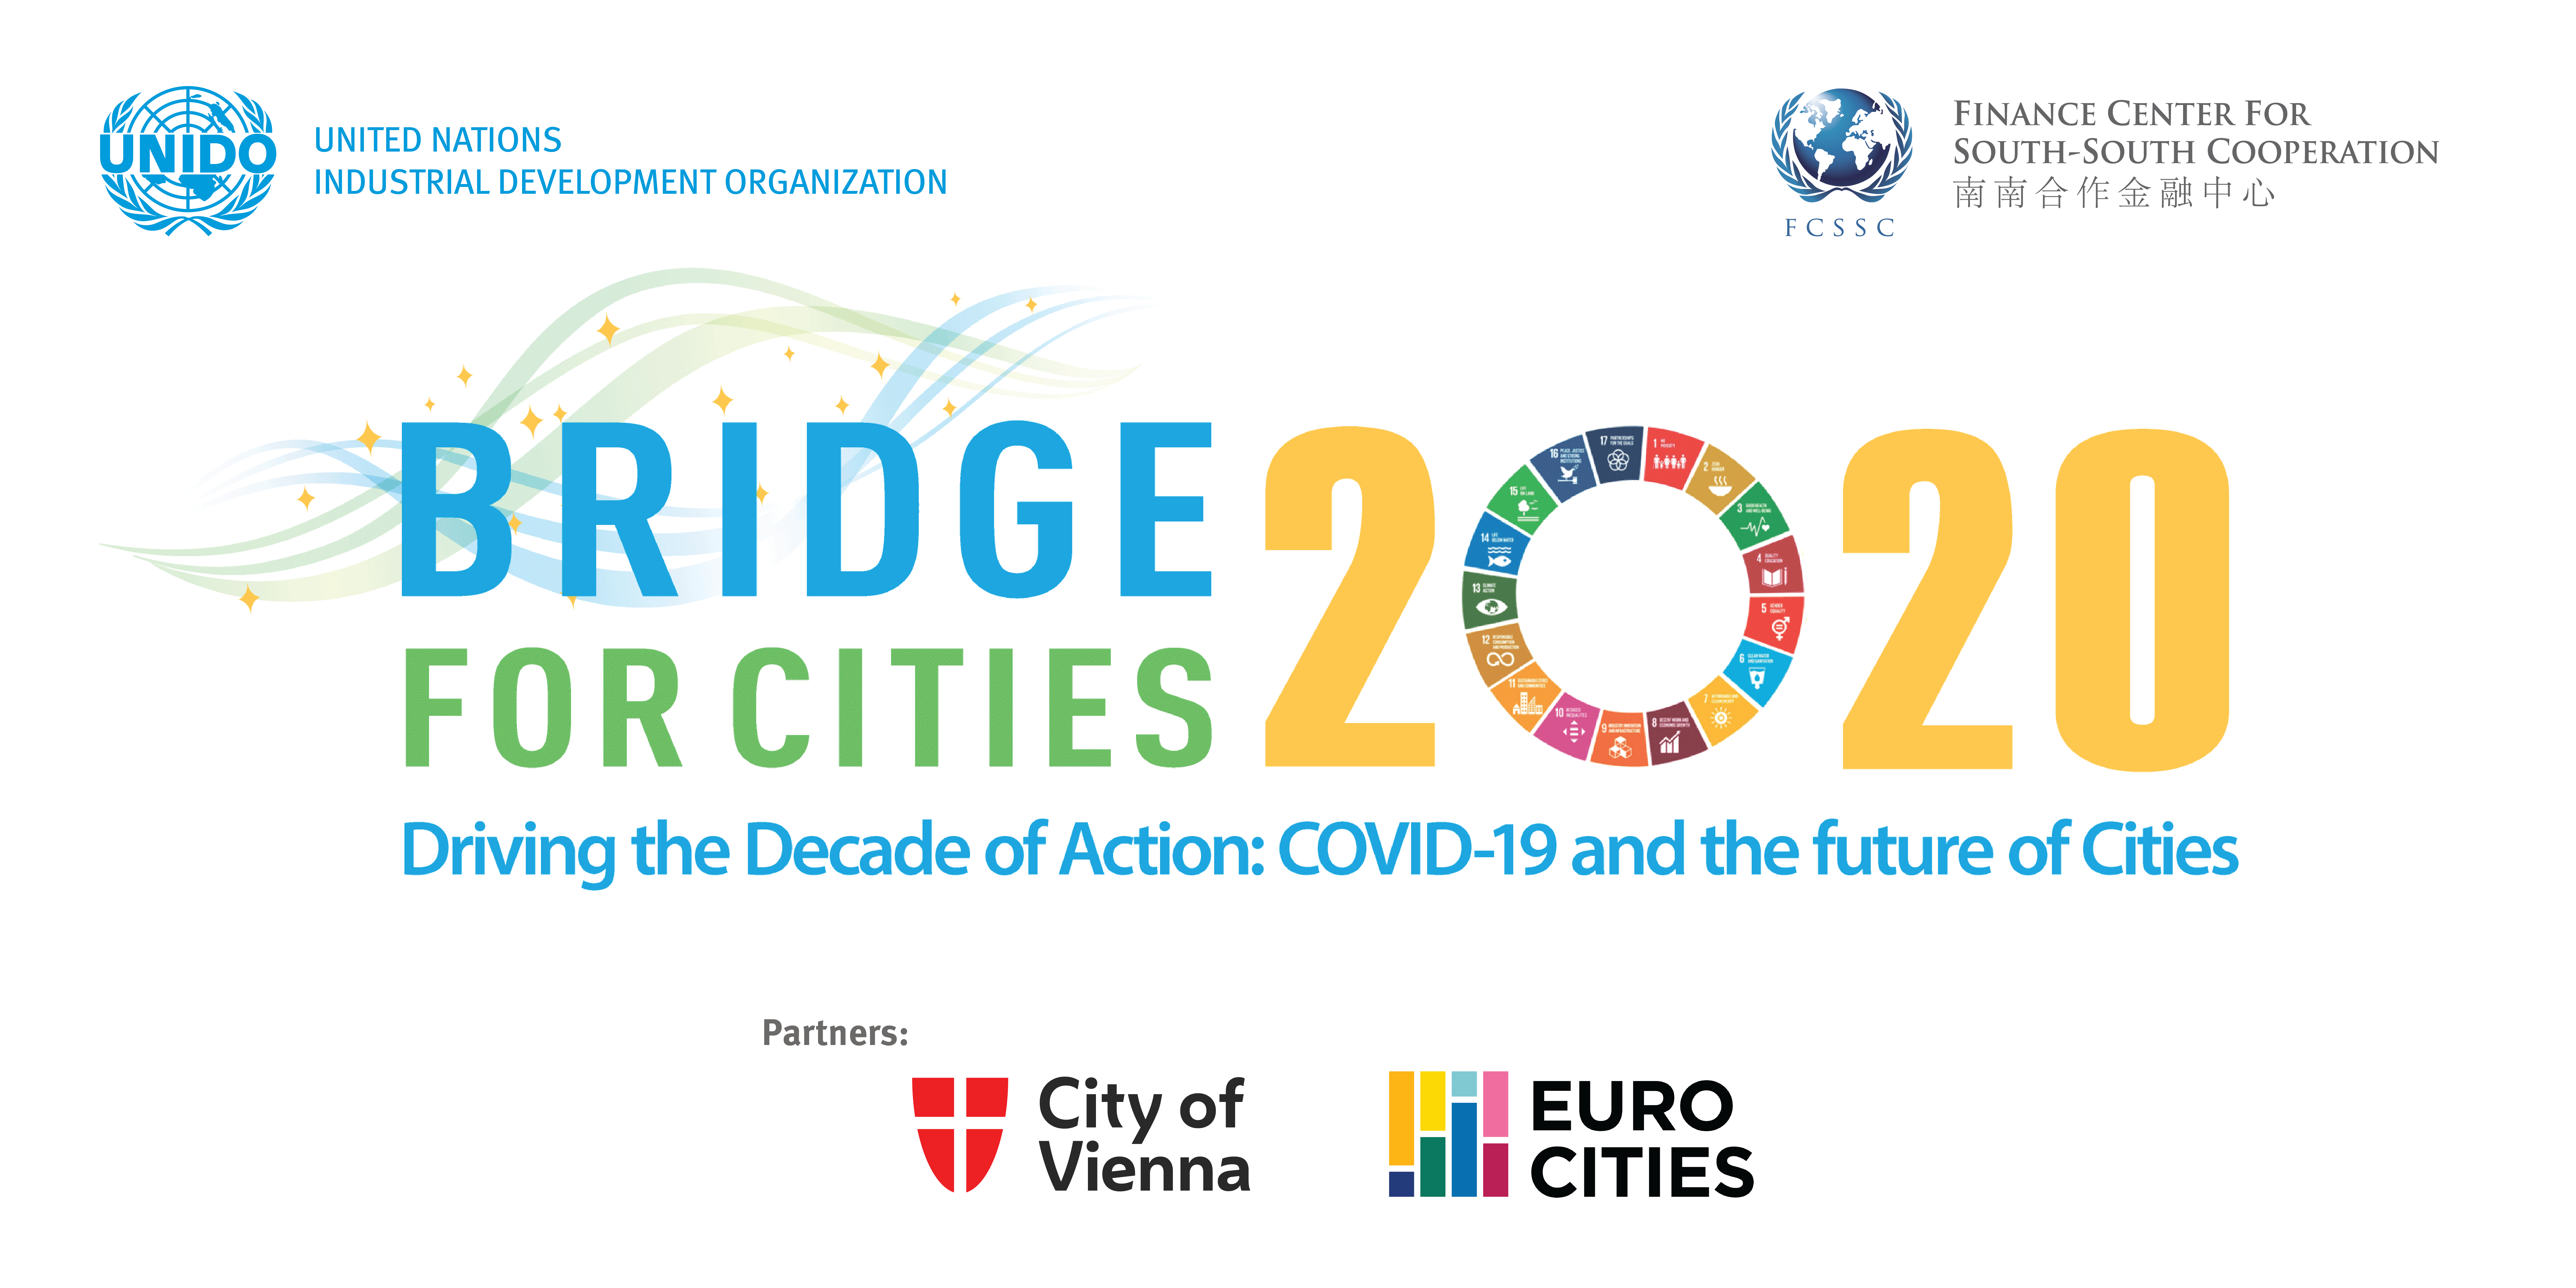 Bridge for Cities 2020